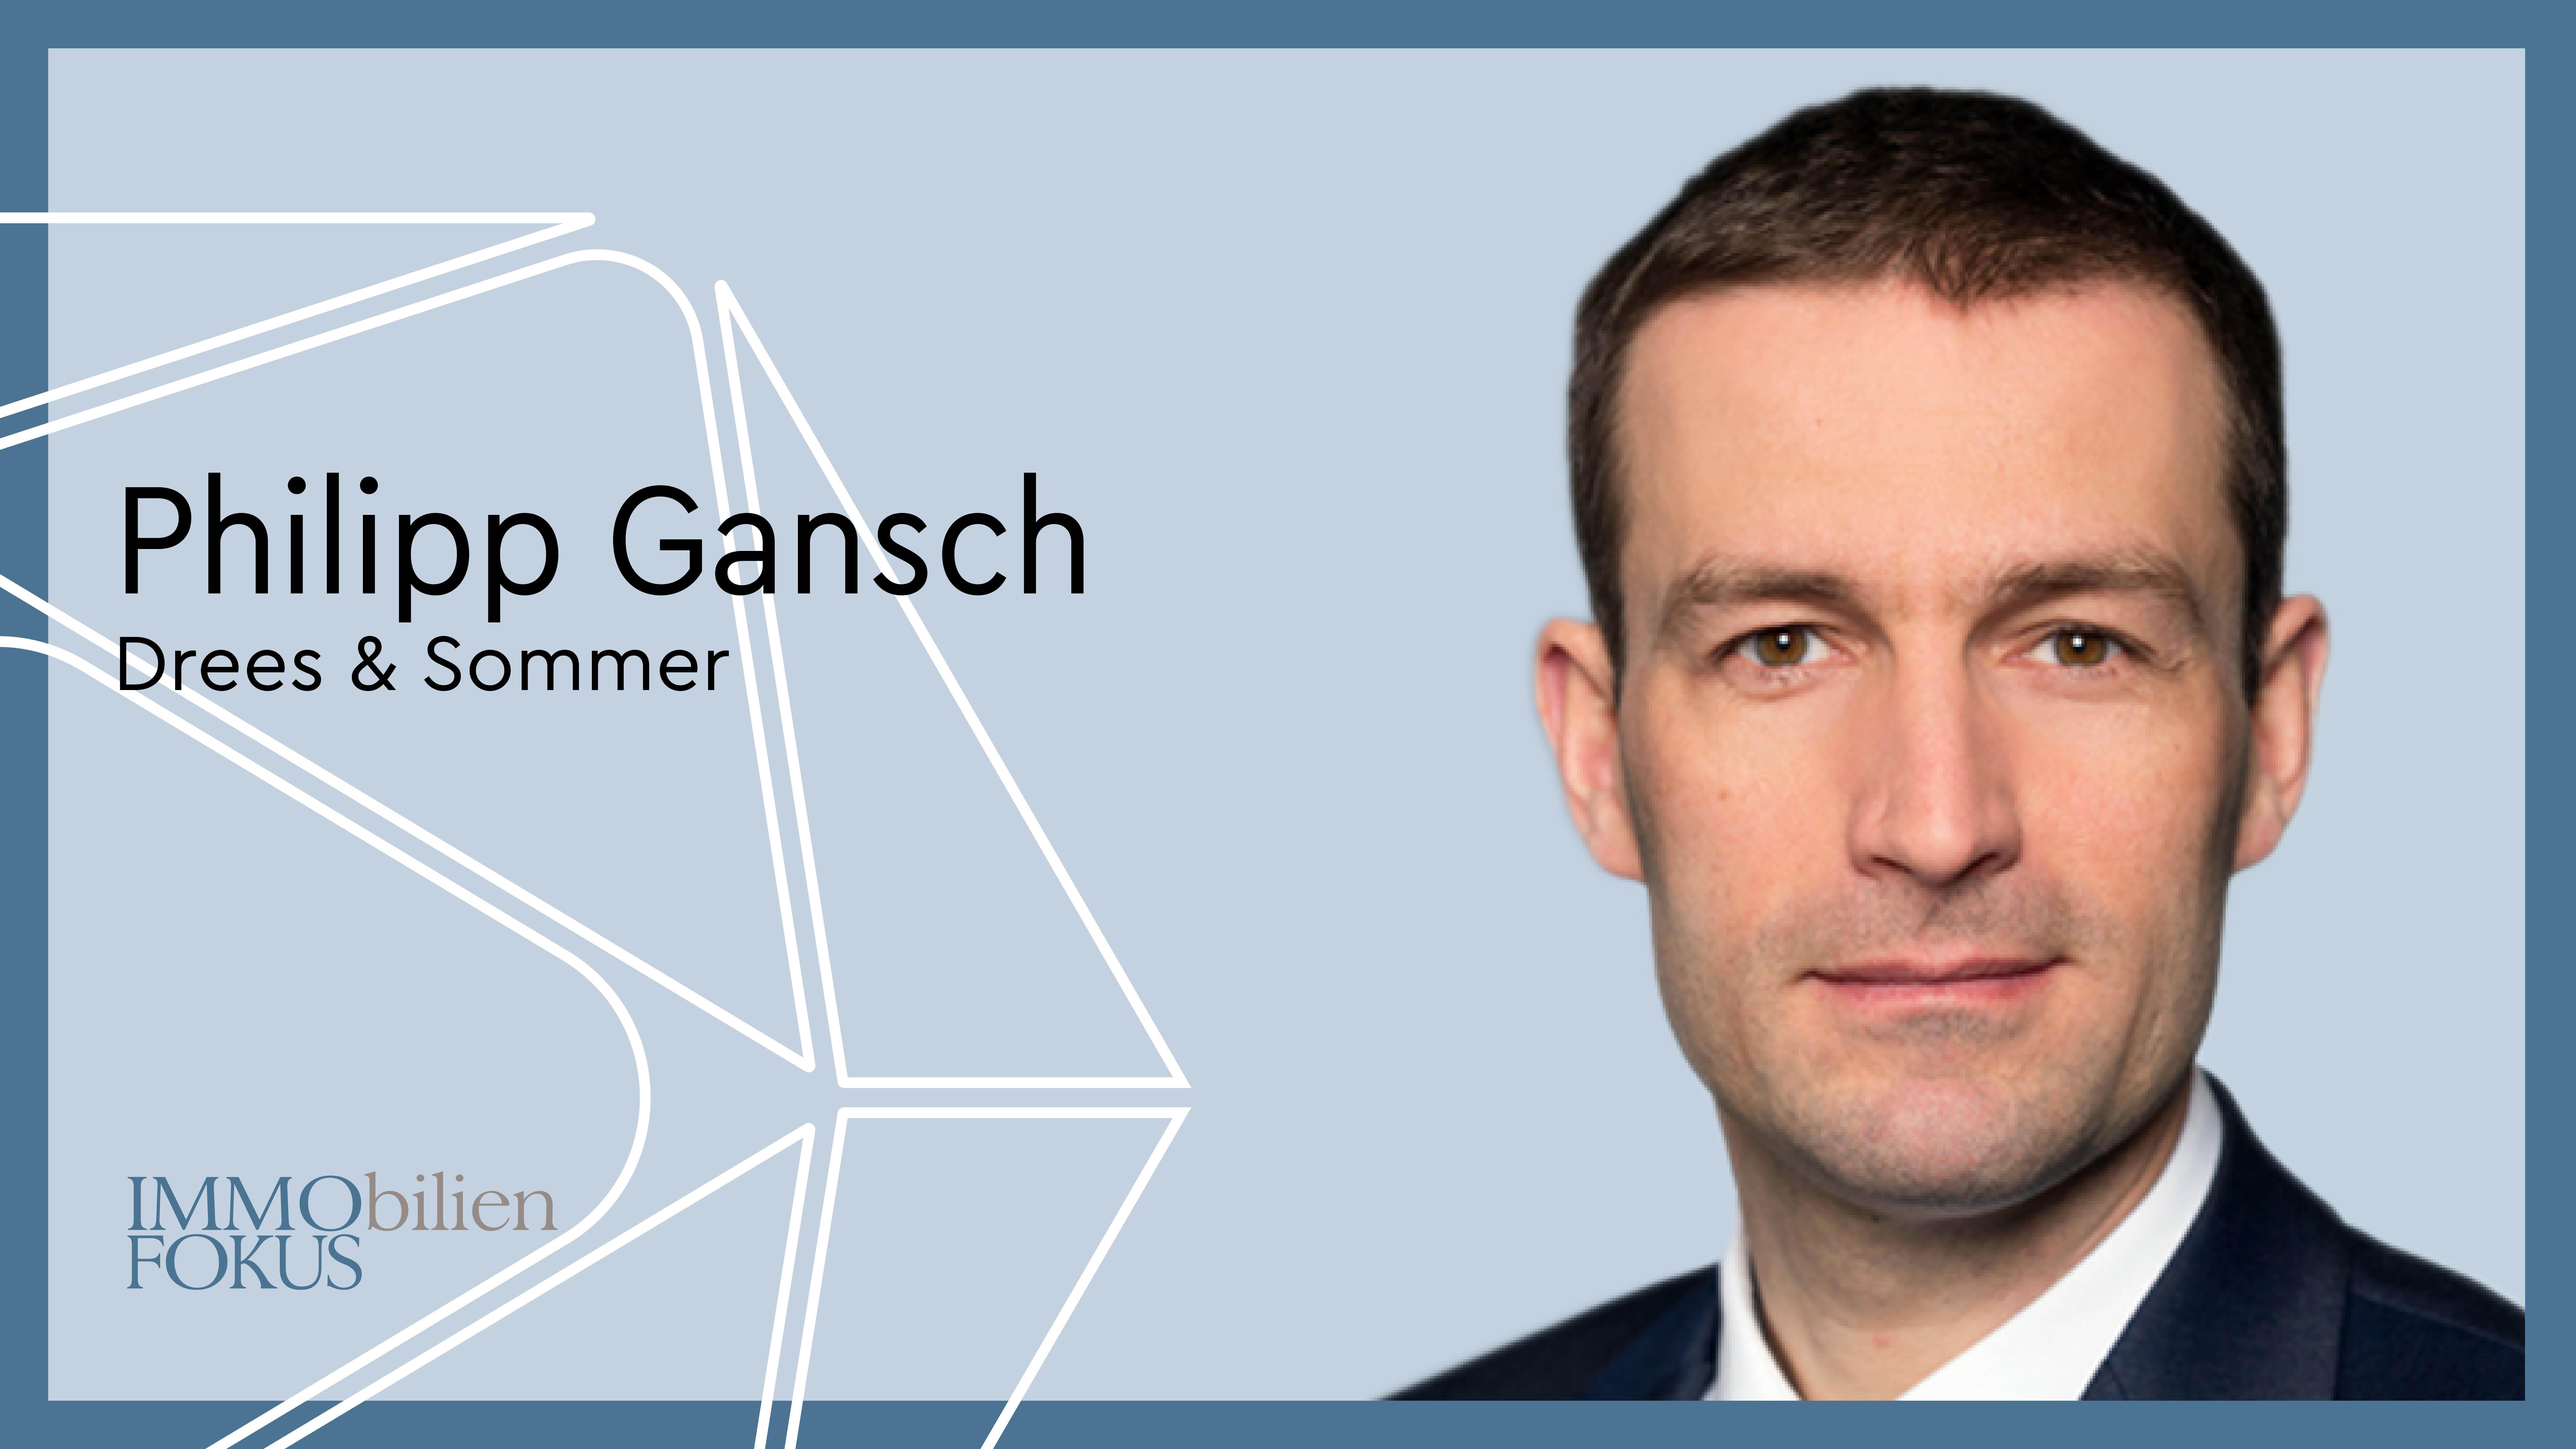 Drees & Sommer Österreich bestellt neuen Vorsitzenden der Geschäftsführung